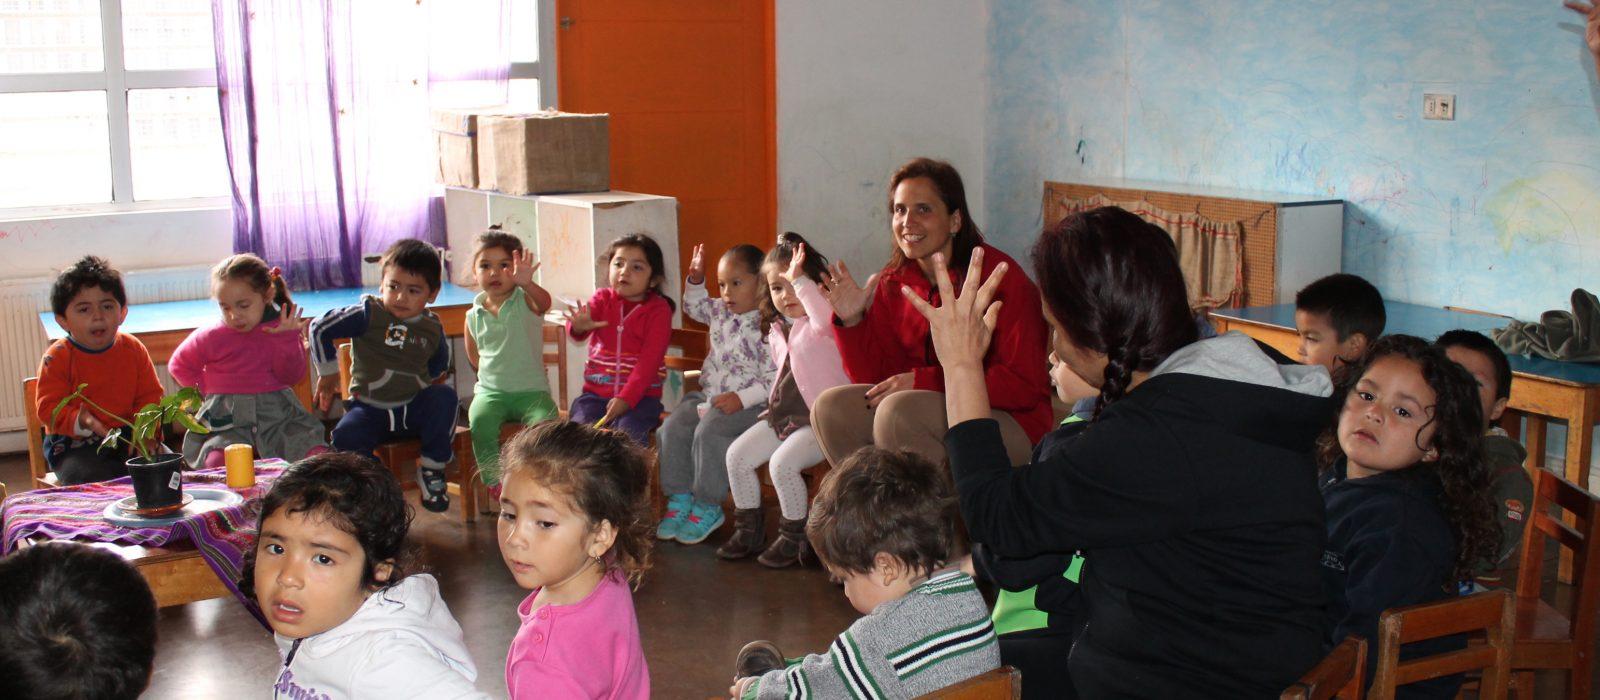 El éxito de Peñalolén en prevenir la deserción escolar